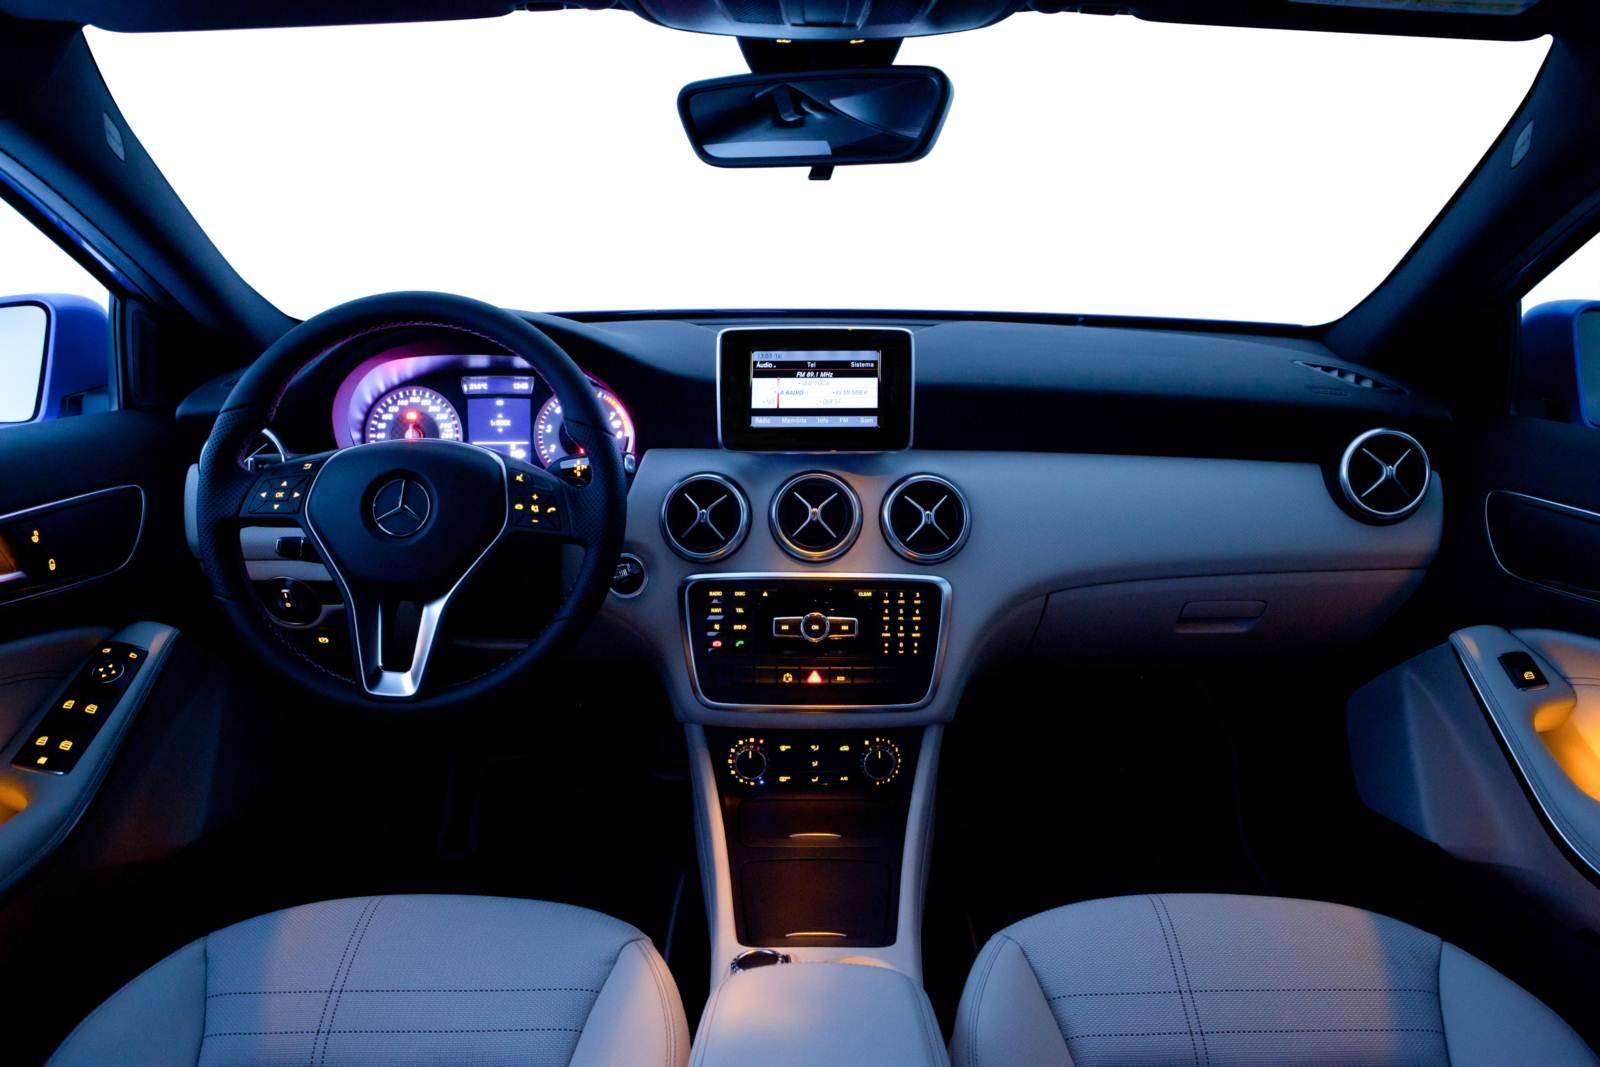 mercedes benz a200 luxo com pre o abaixo de r 100 mil car blog br. Black Bedroom Furniture Sets. Home Design Ideas